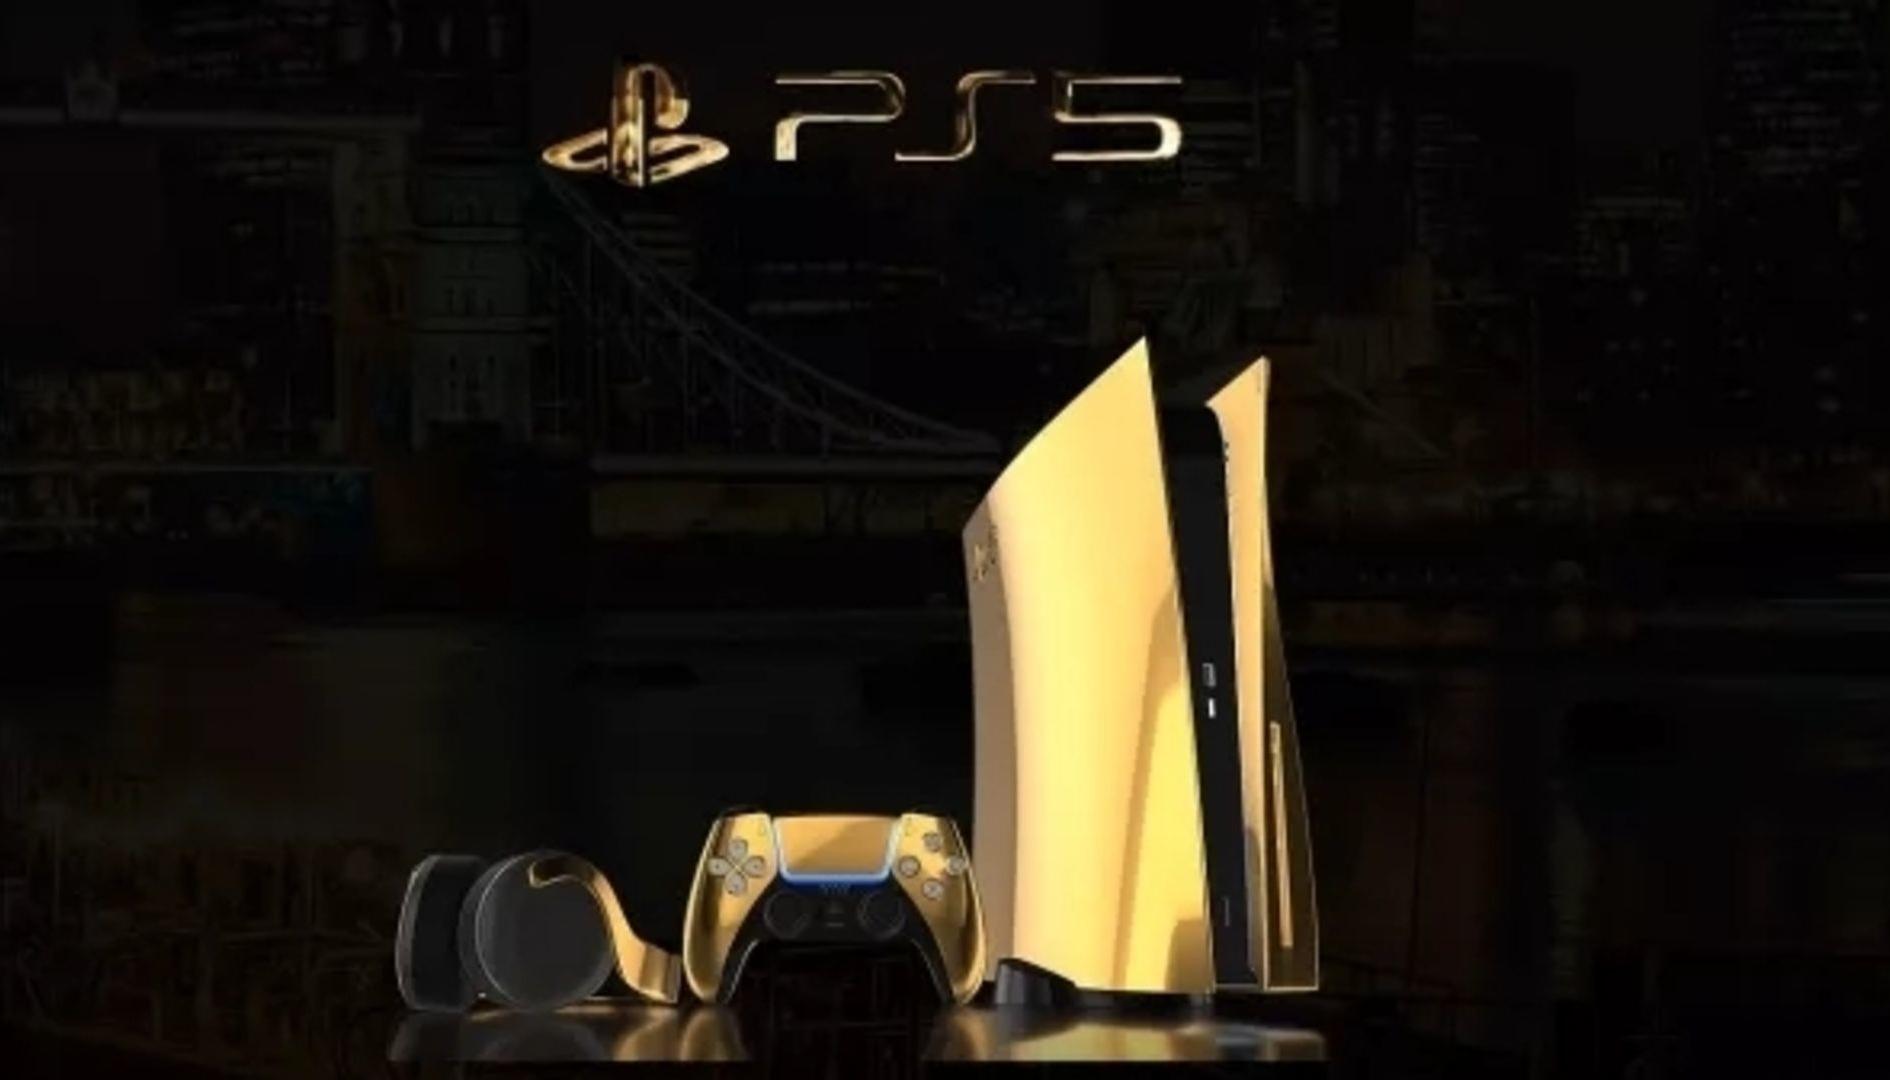 PS5 in oro 24 carati, annunciata la versione super esclusiva